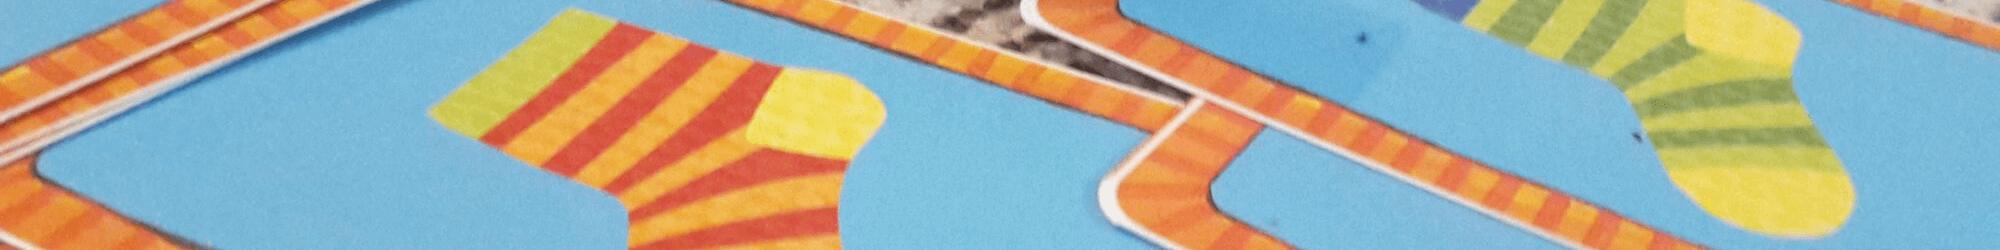 Speelgoedwinkel Daantje kaartspel